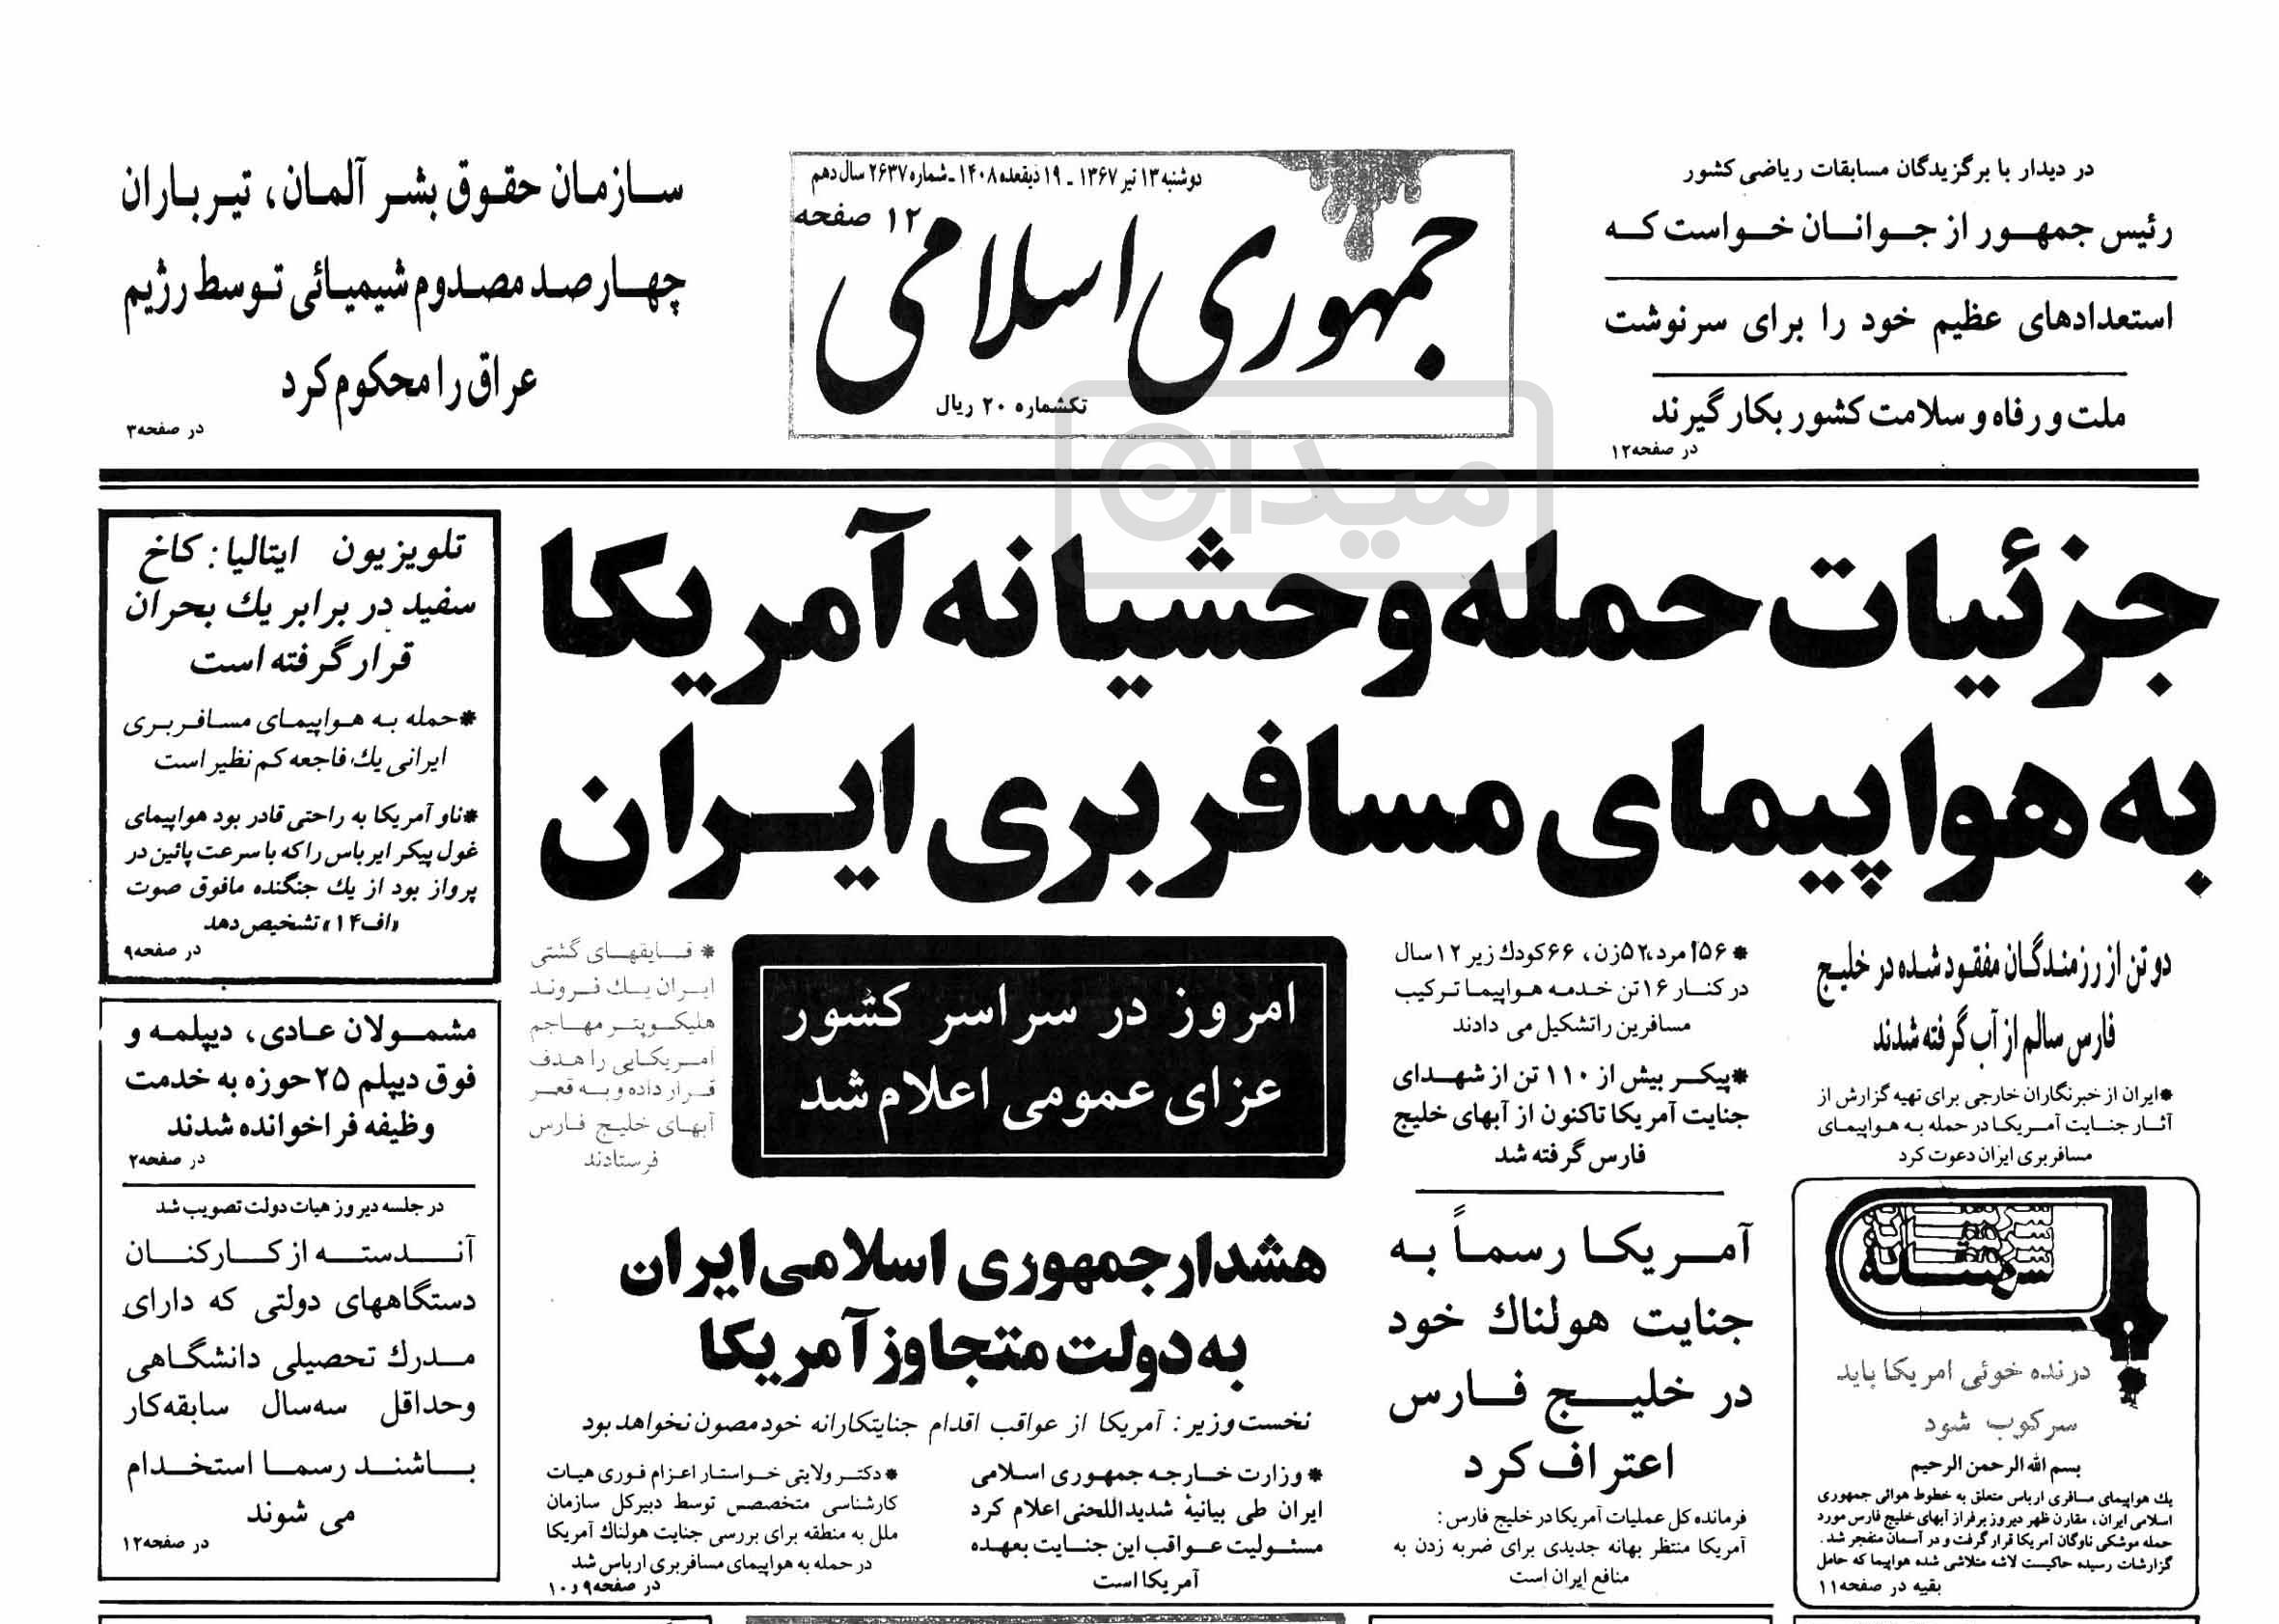 تیر ۶۷: جزئیات حمله وحشیانه آمریکا به هواپیمای مسافربری ایران